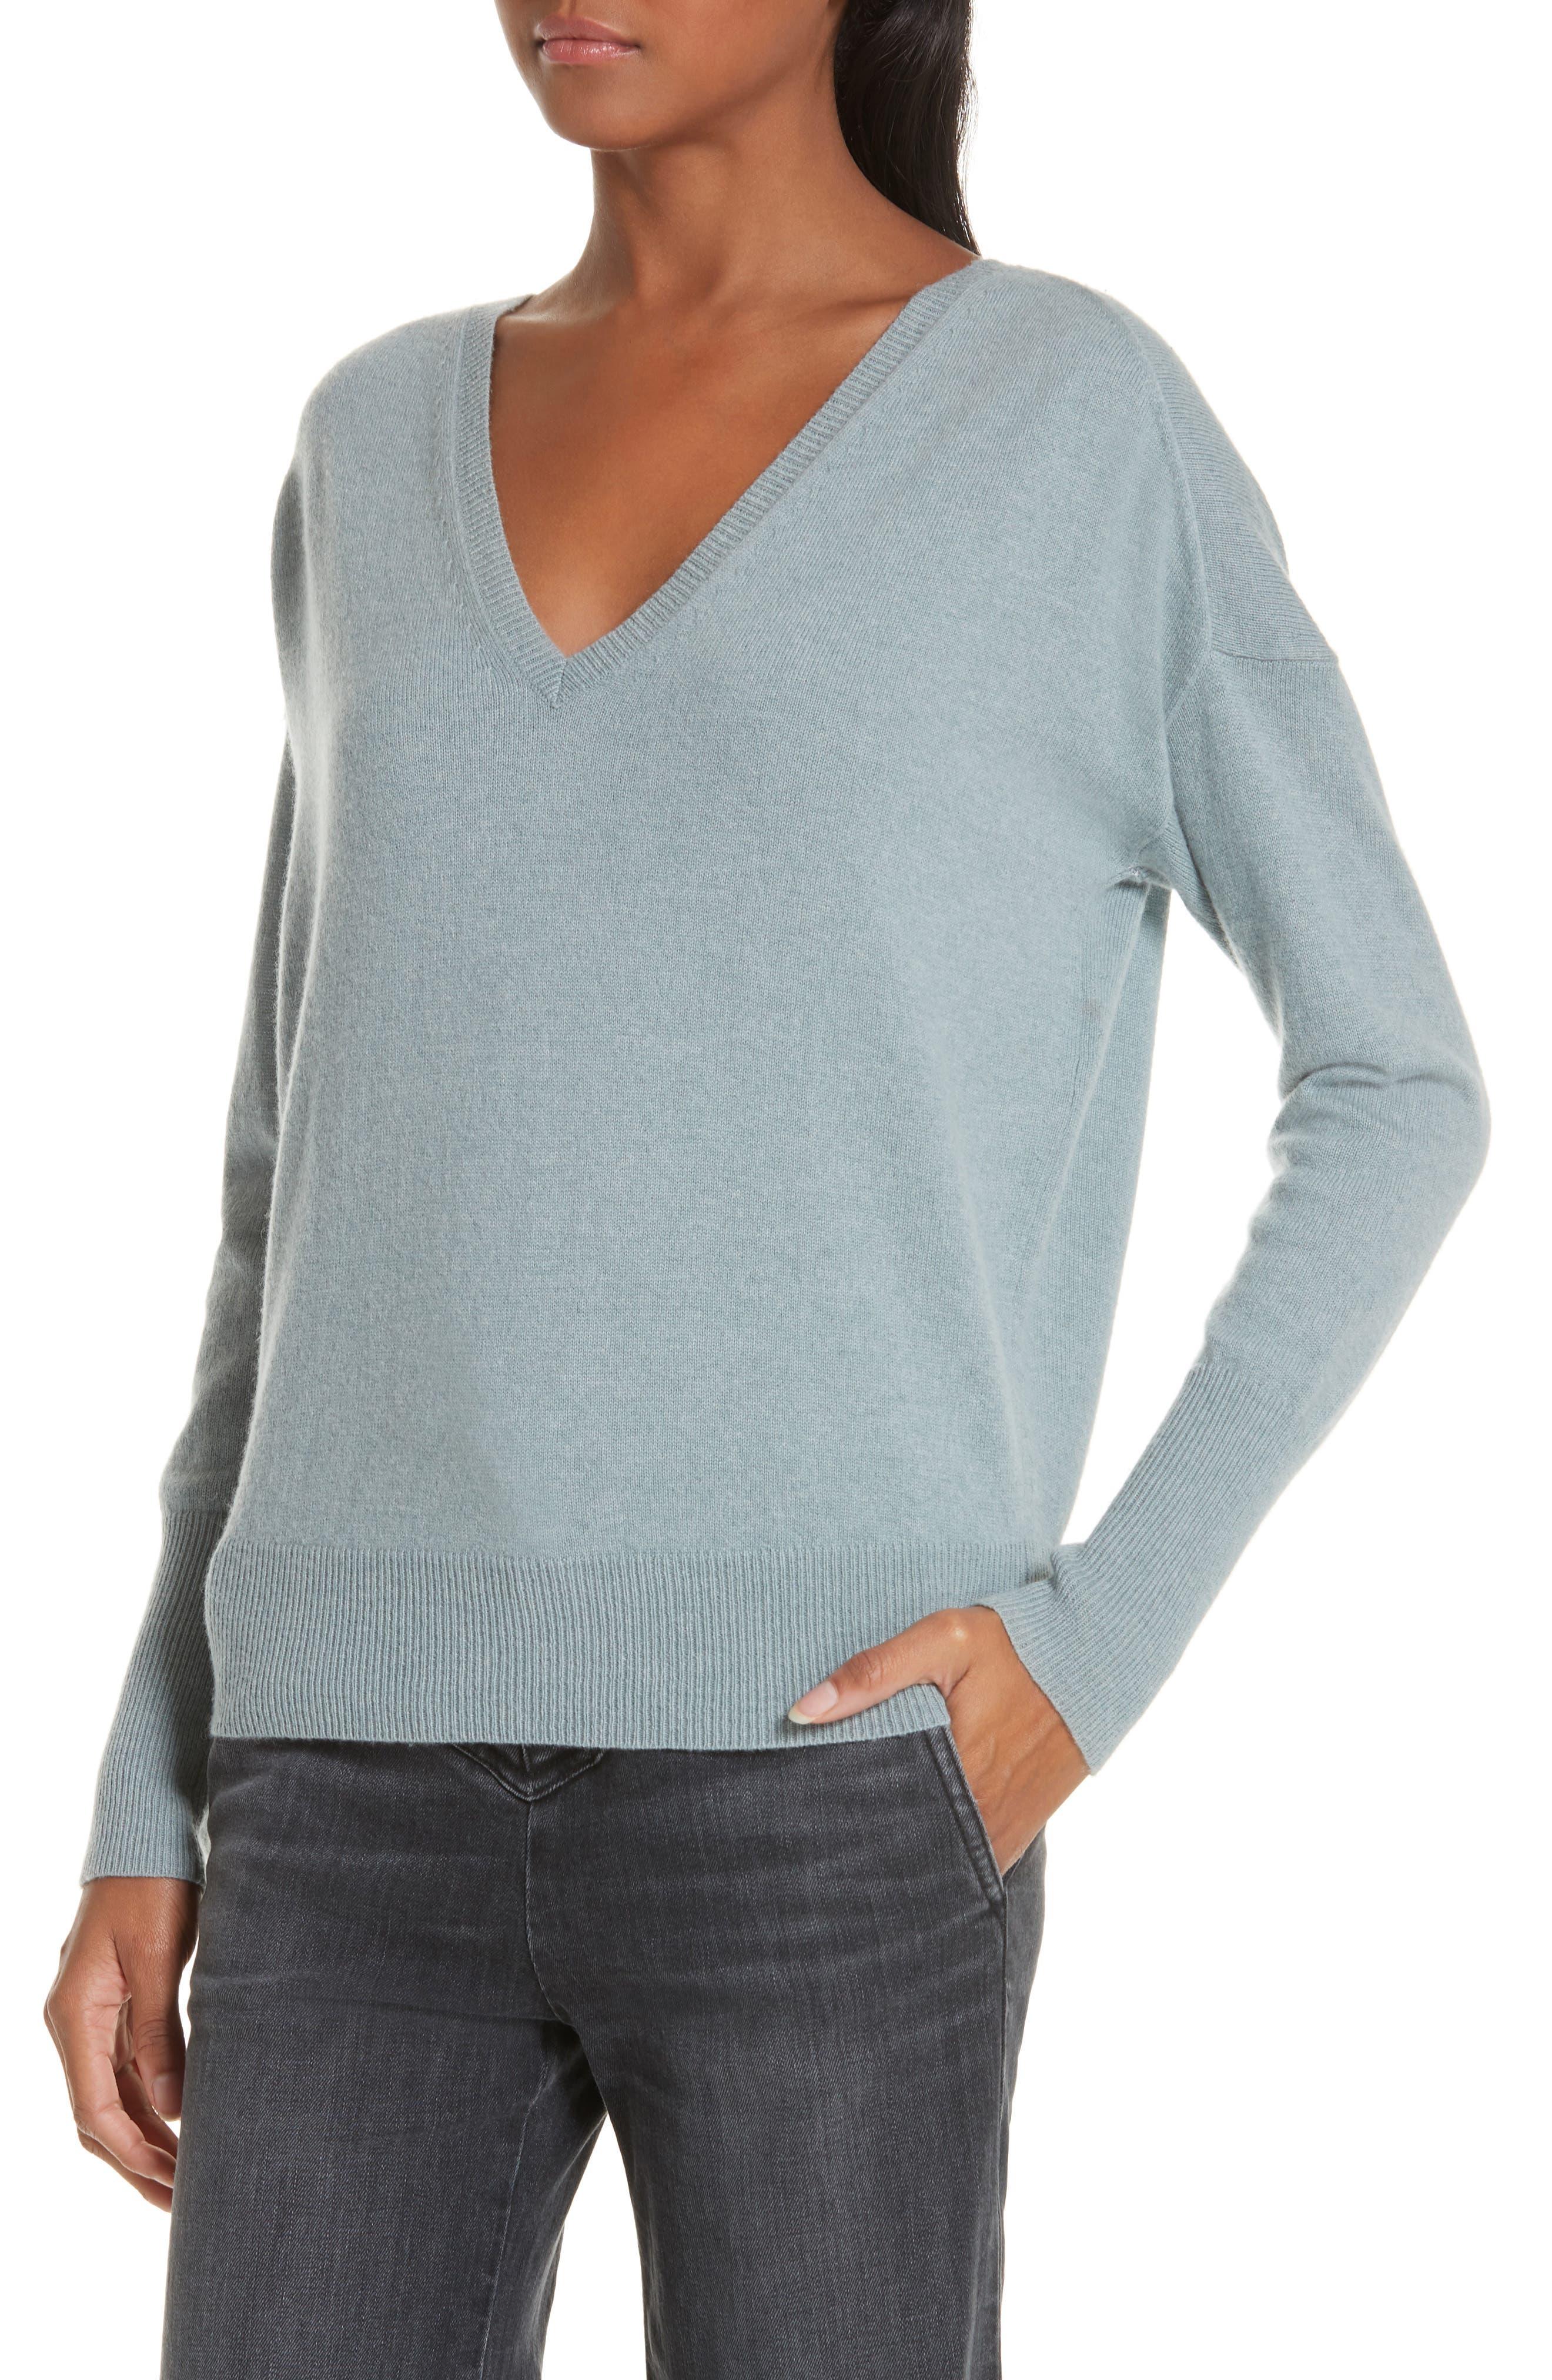 NILI LOTAN, Kylan Cashmere Sweater, Alternate thumbnail 4, color, SKY BLUE